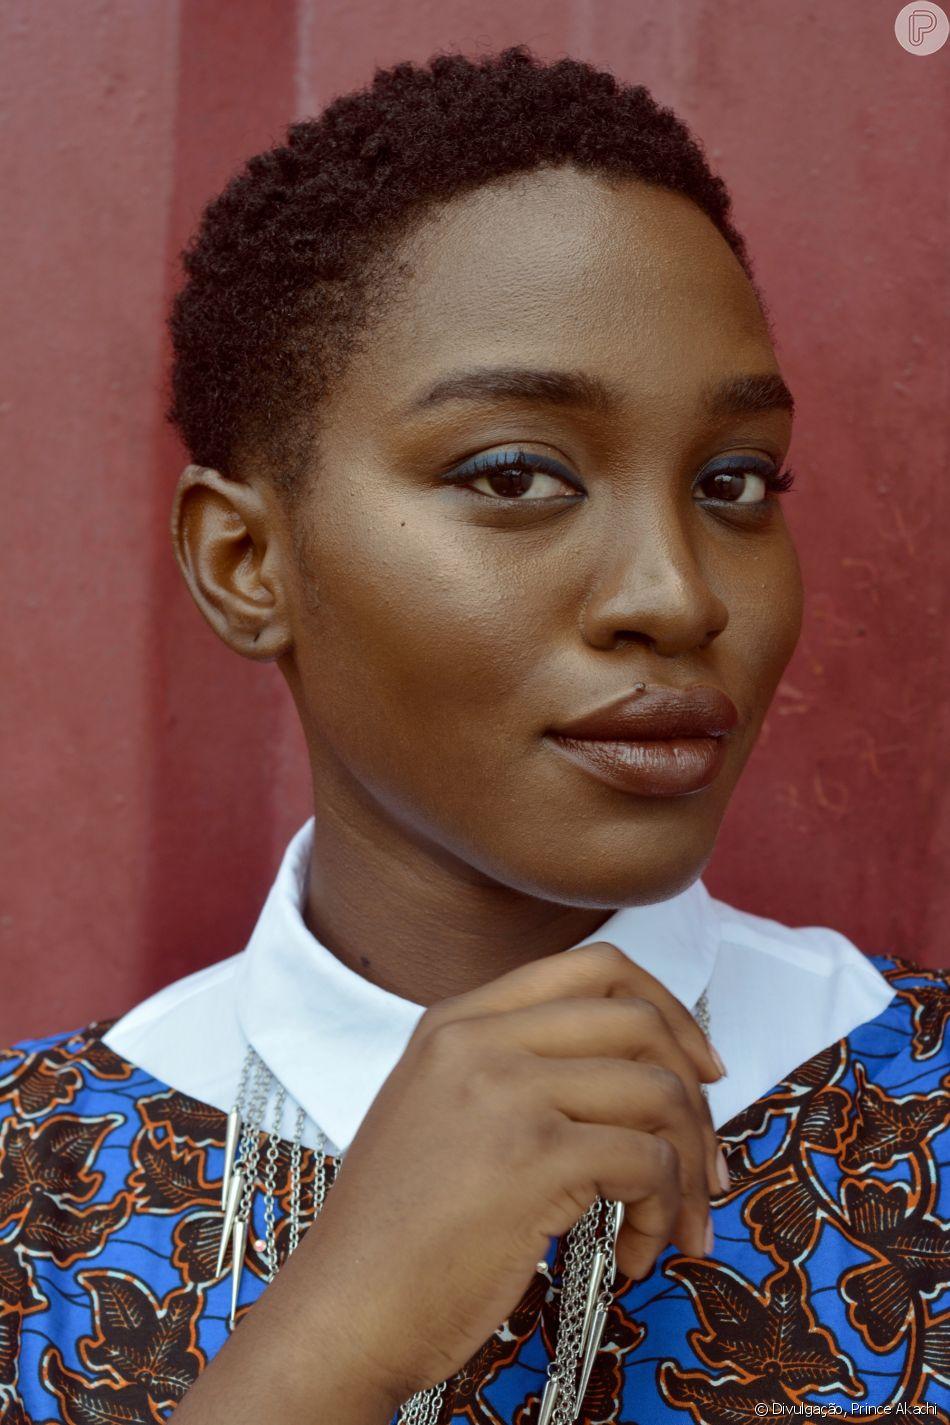 Maquiagem para a pele negra: confira 4 dicas essenciais!